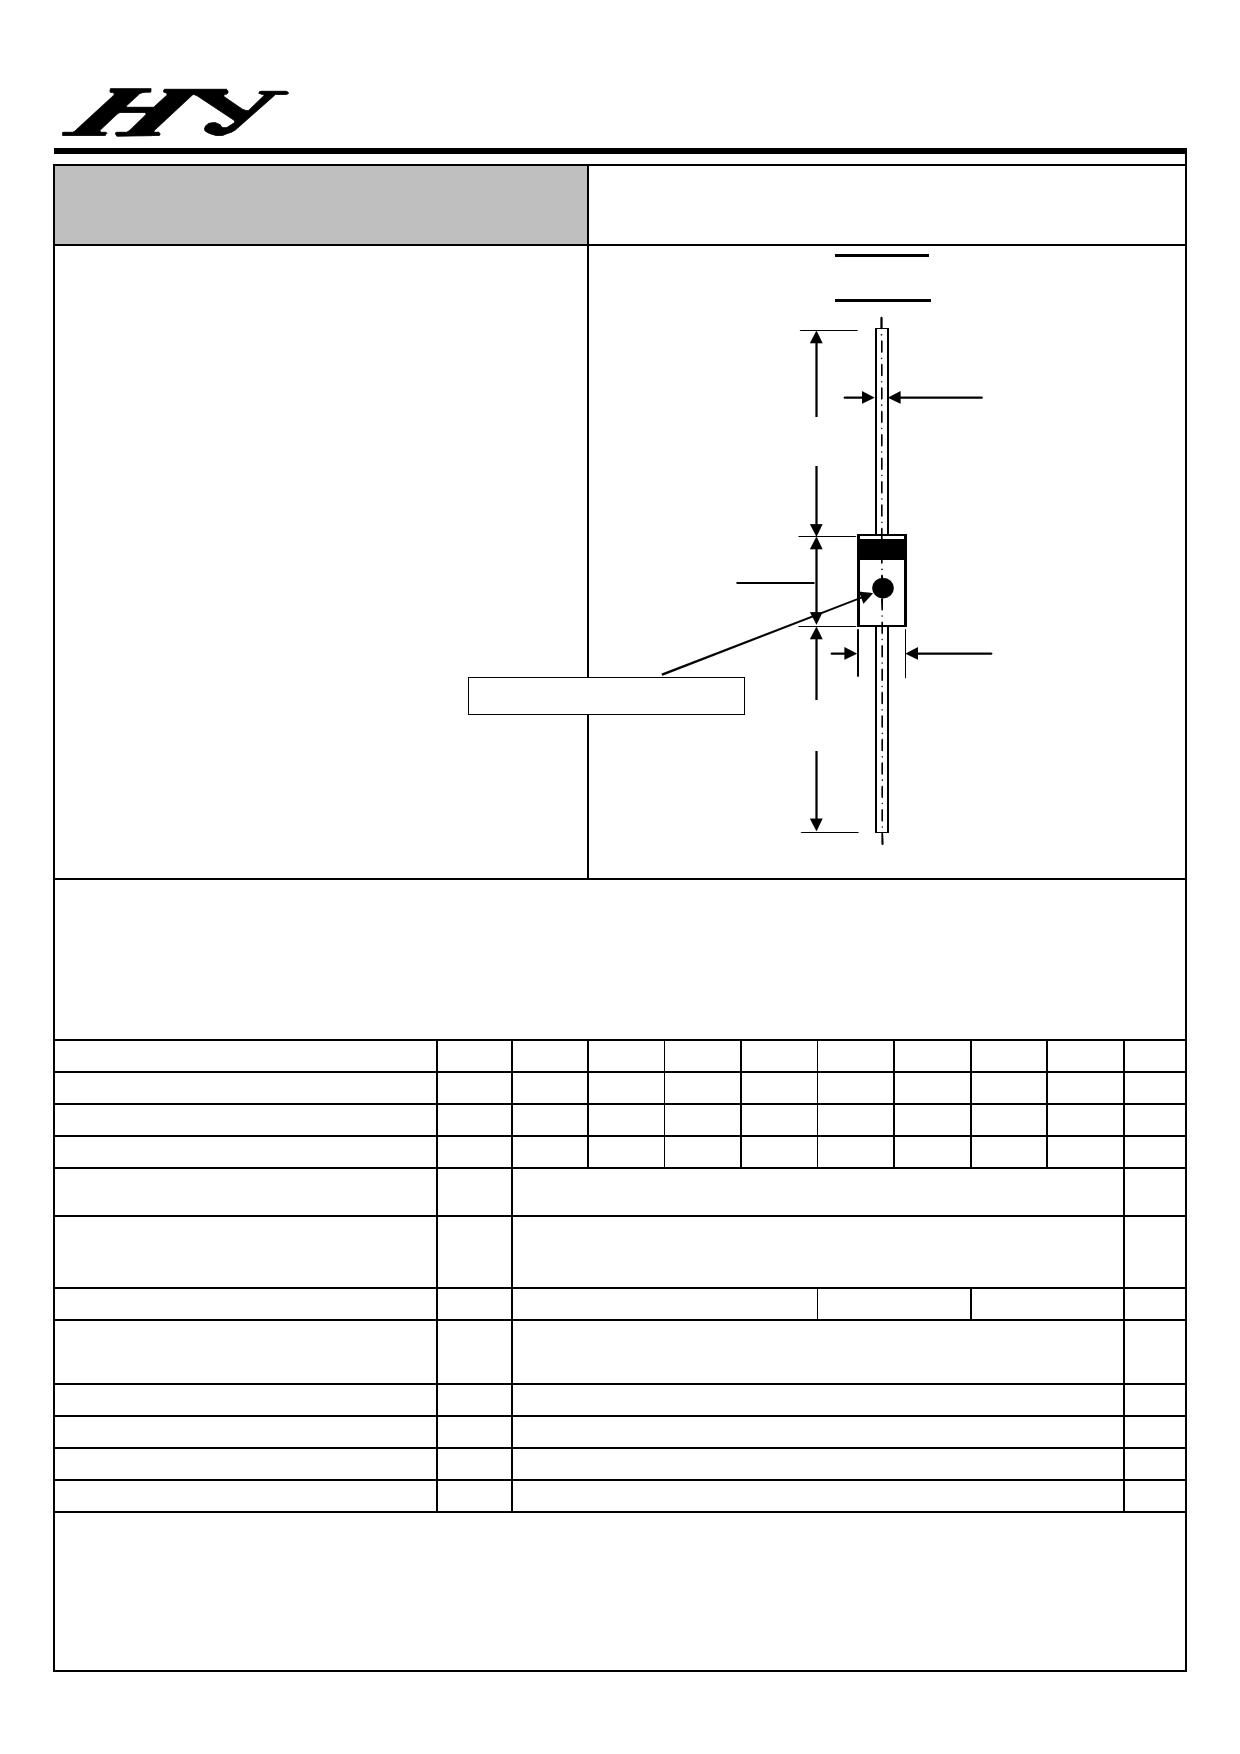 SQ1230 datasheet